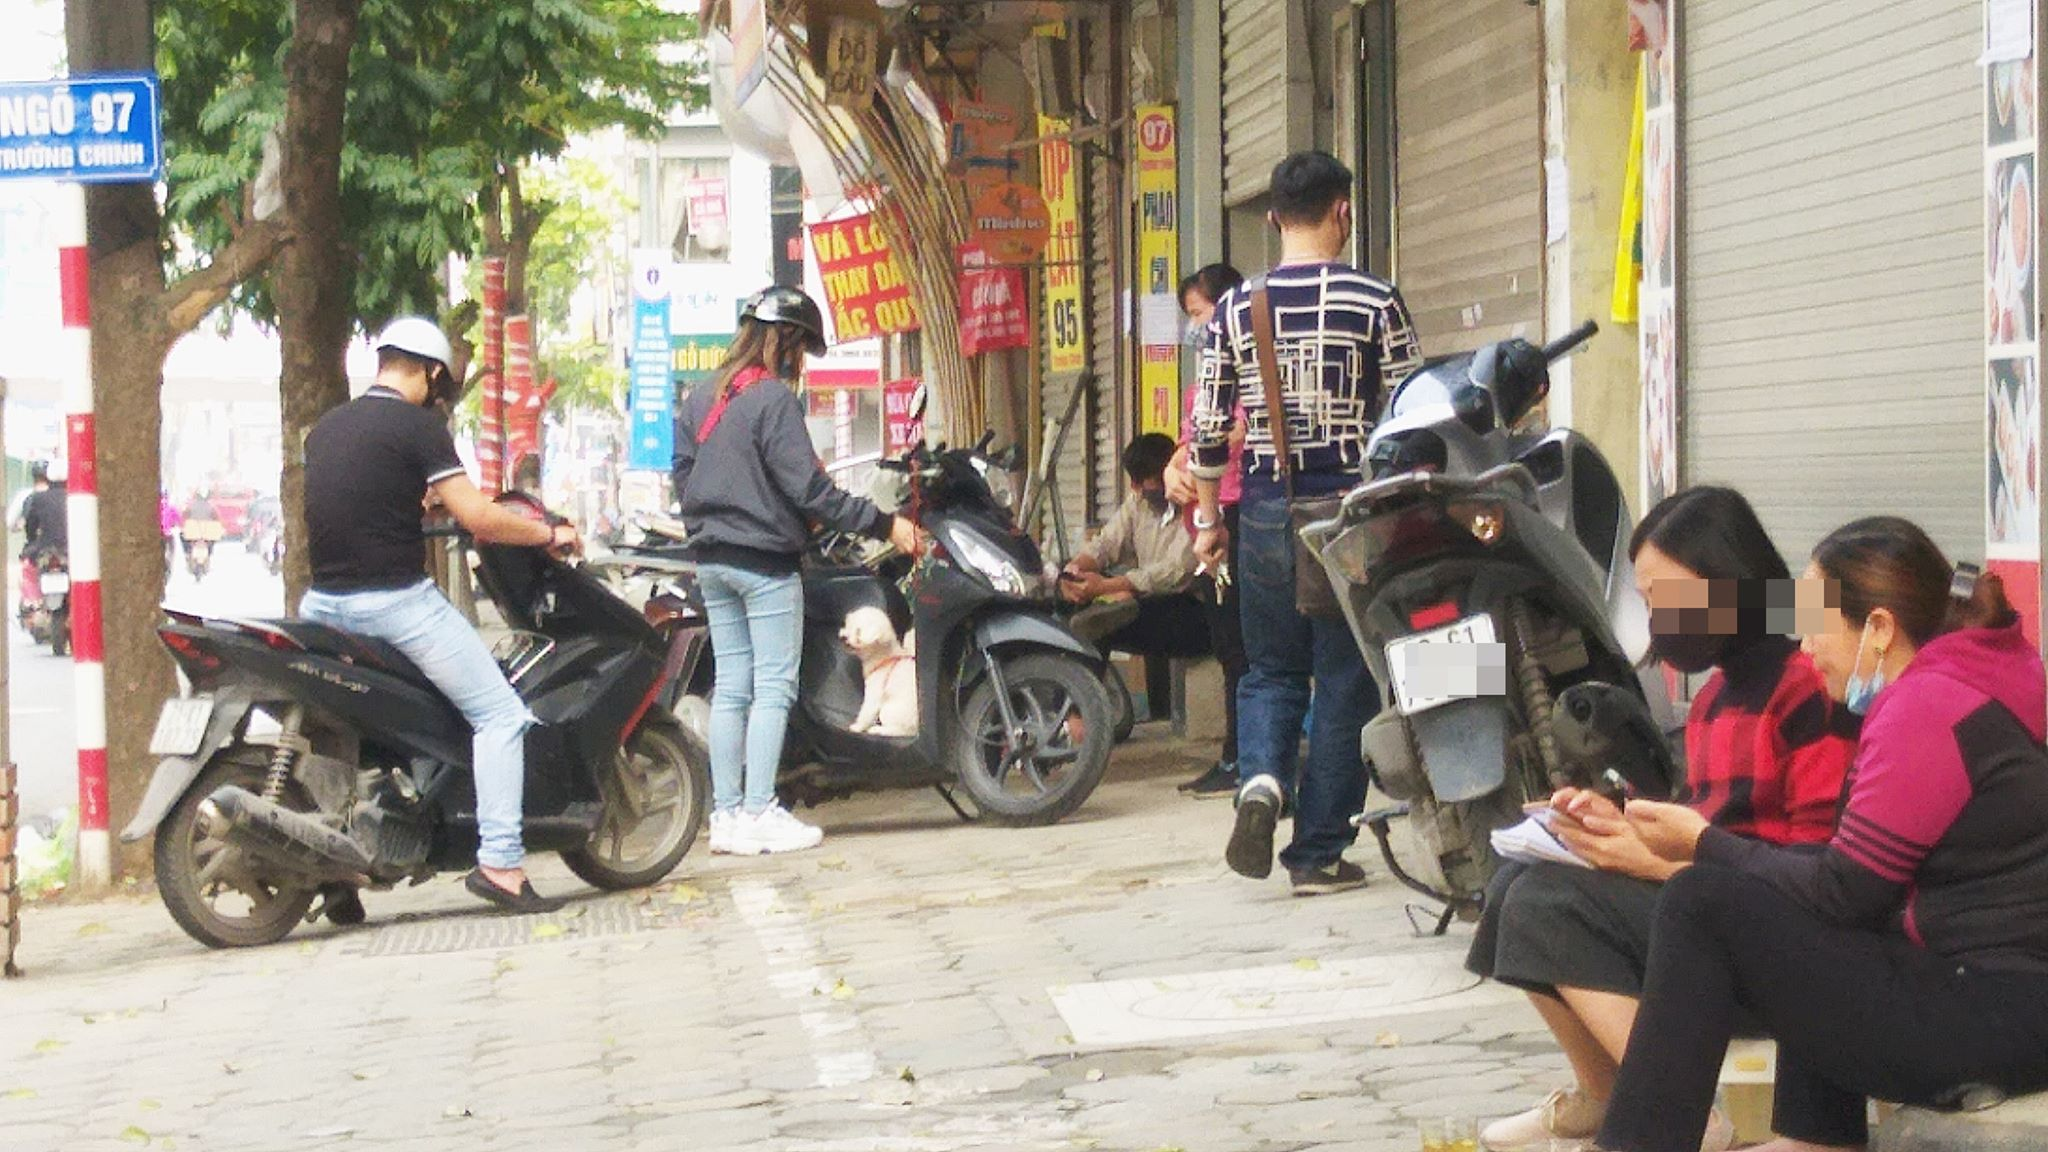 Người dân tập trung tại một cửa hàng mua bán trên đường Trường Chinh (Quận Thanh Xuân, Hà Nội).